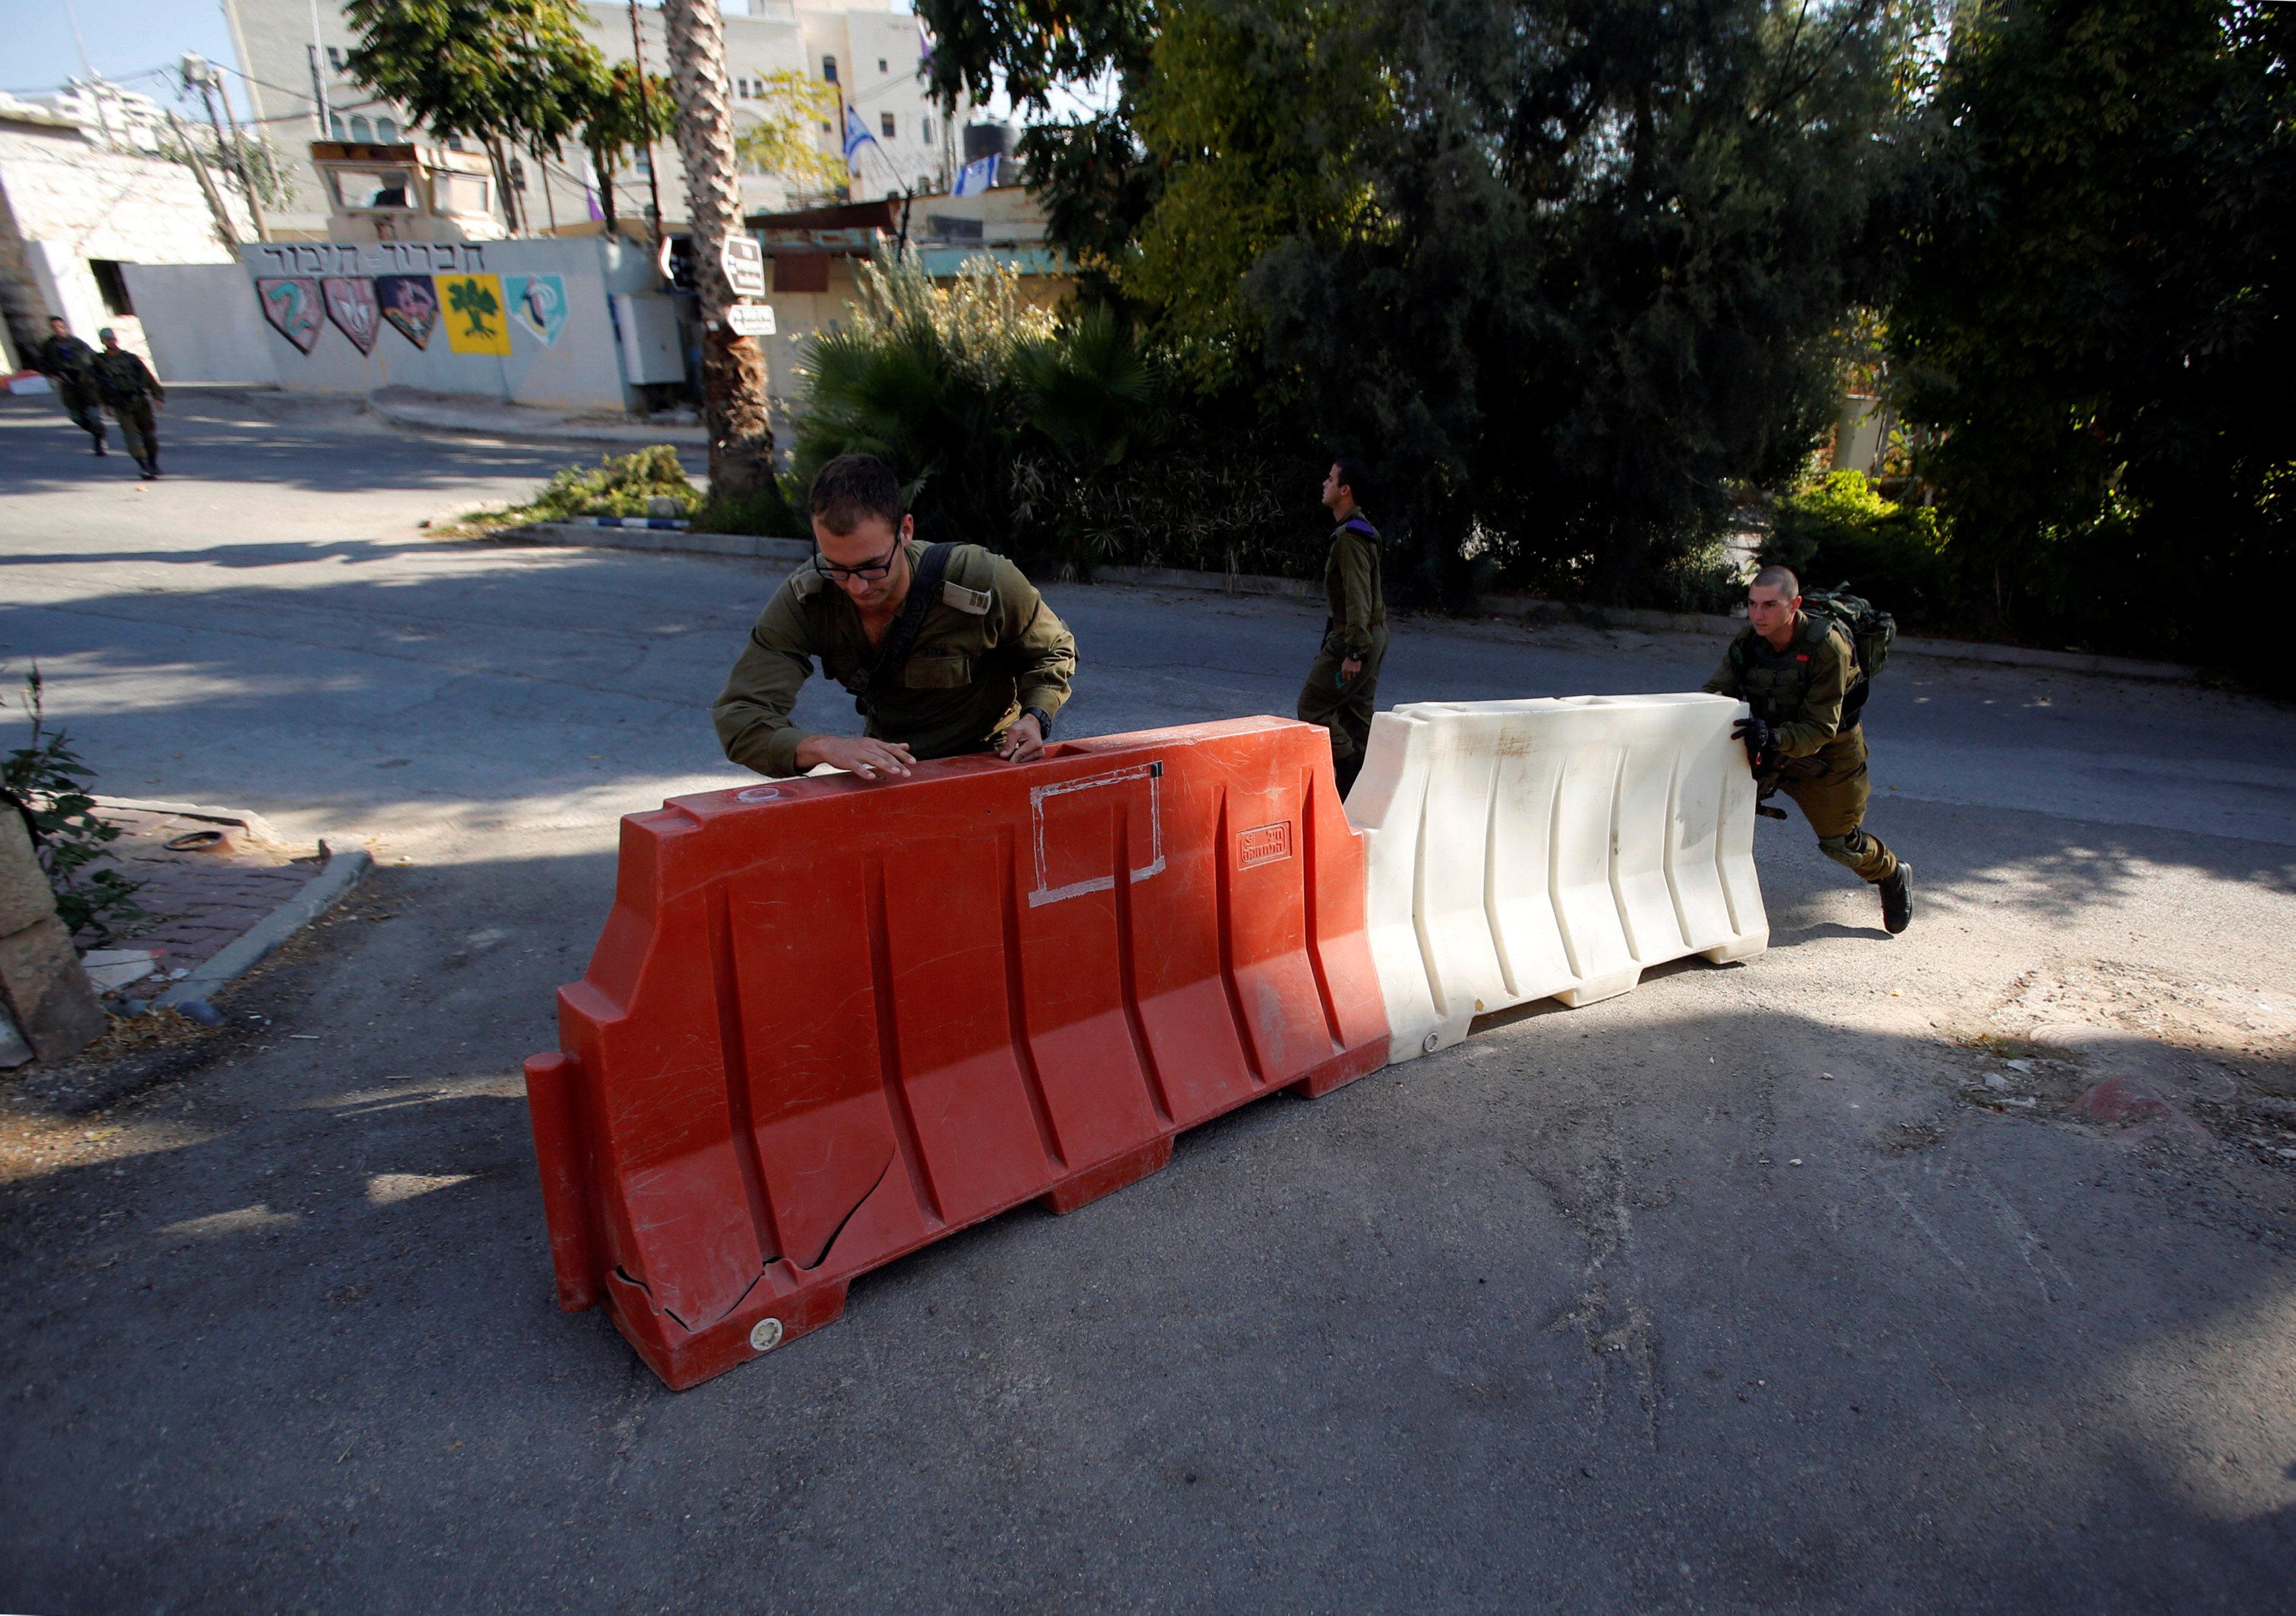 الاحتلال الإسرائيلى يحاصر مدينة الخليل الفلسطينية بالحواجز العسكرية